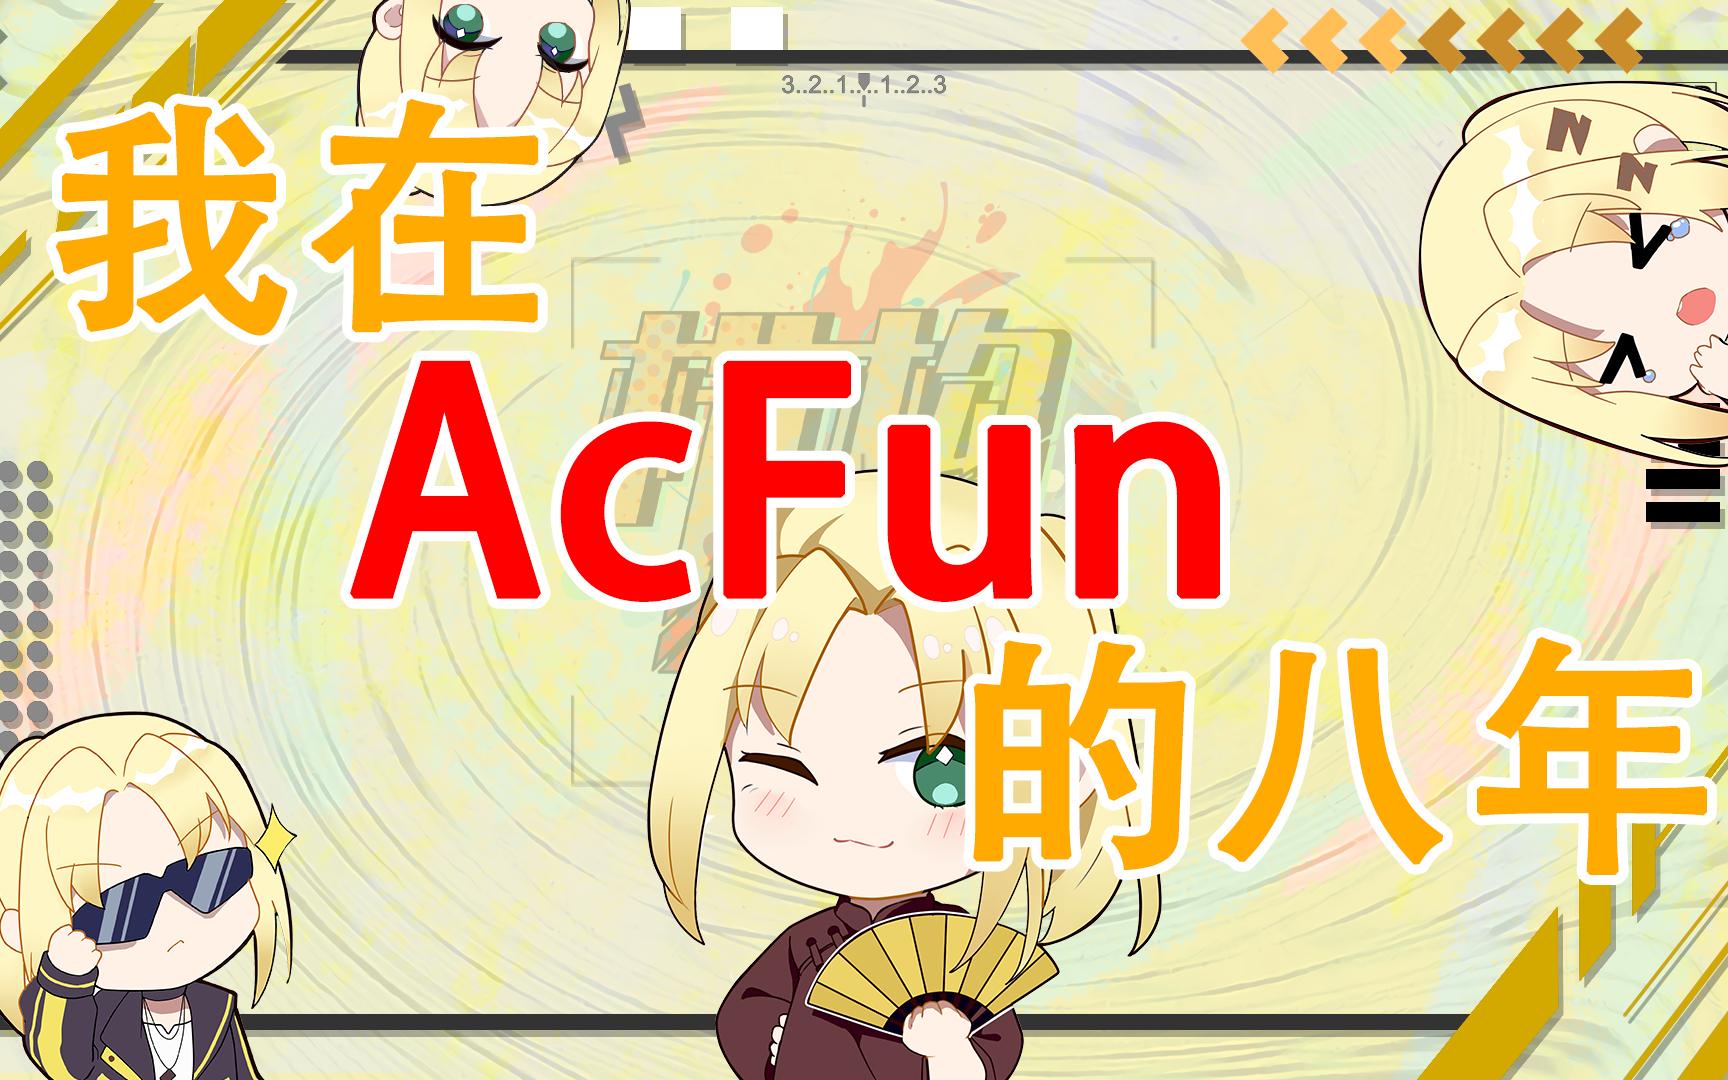 【出道616第二季】我在AcFun的八年【虚拟相声】